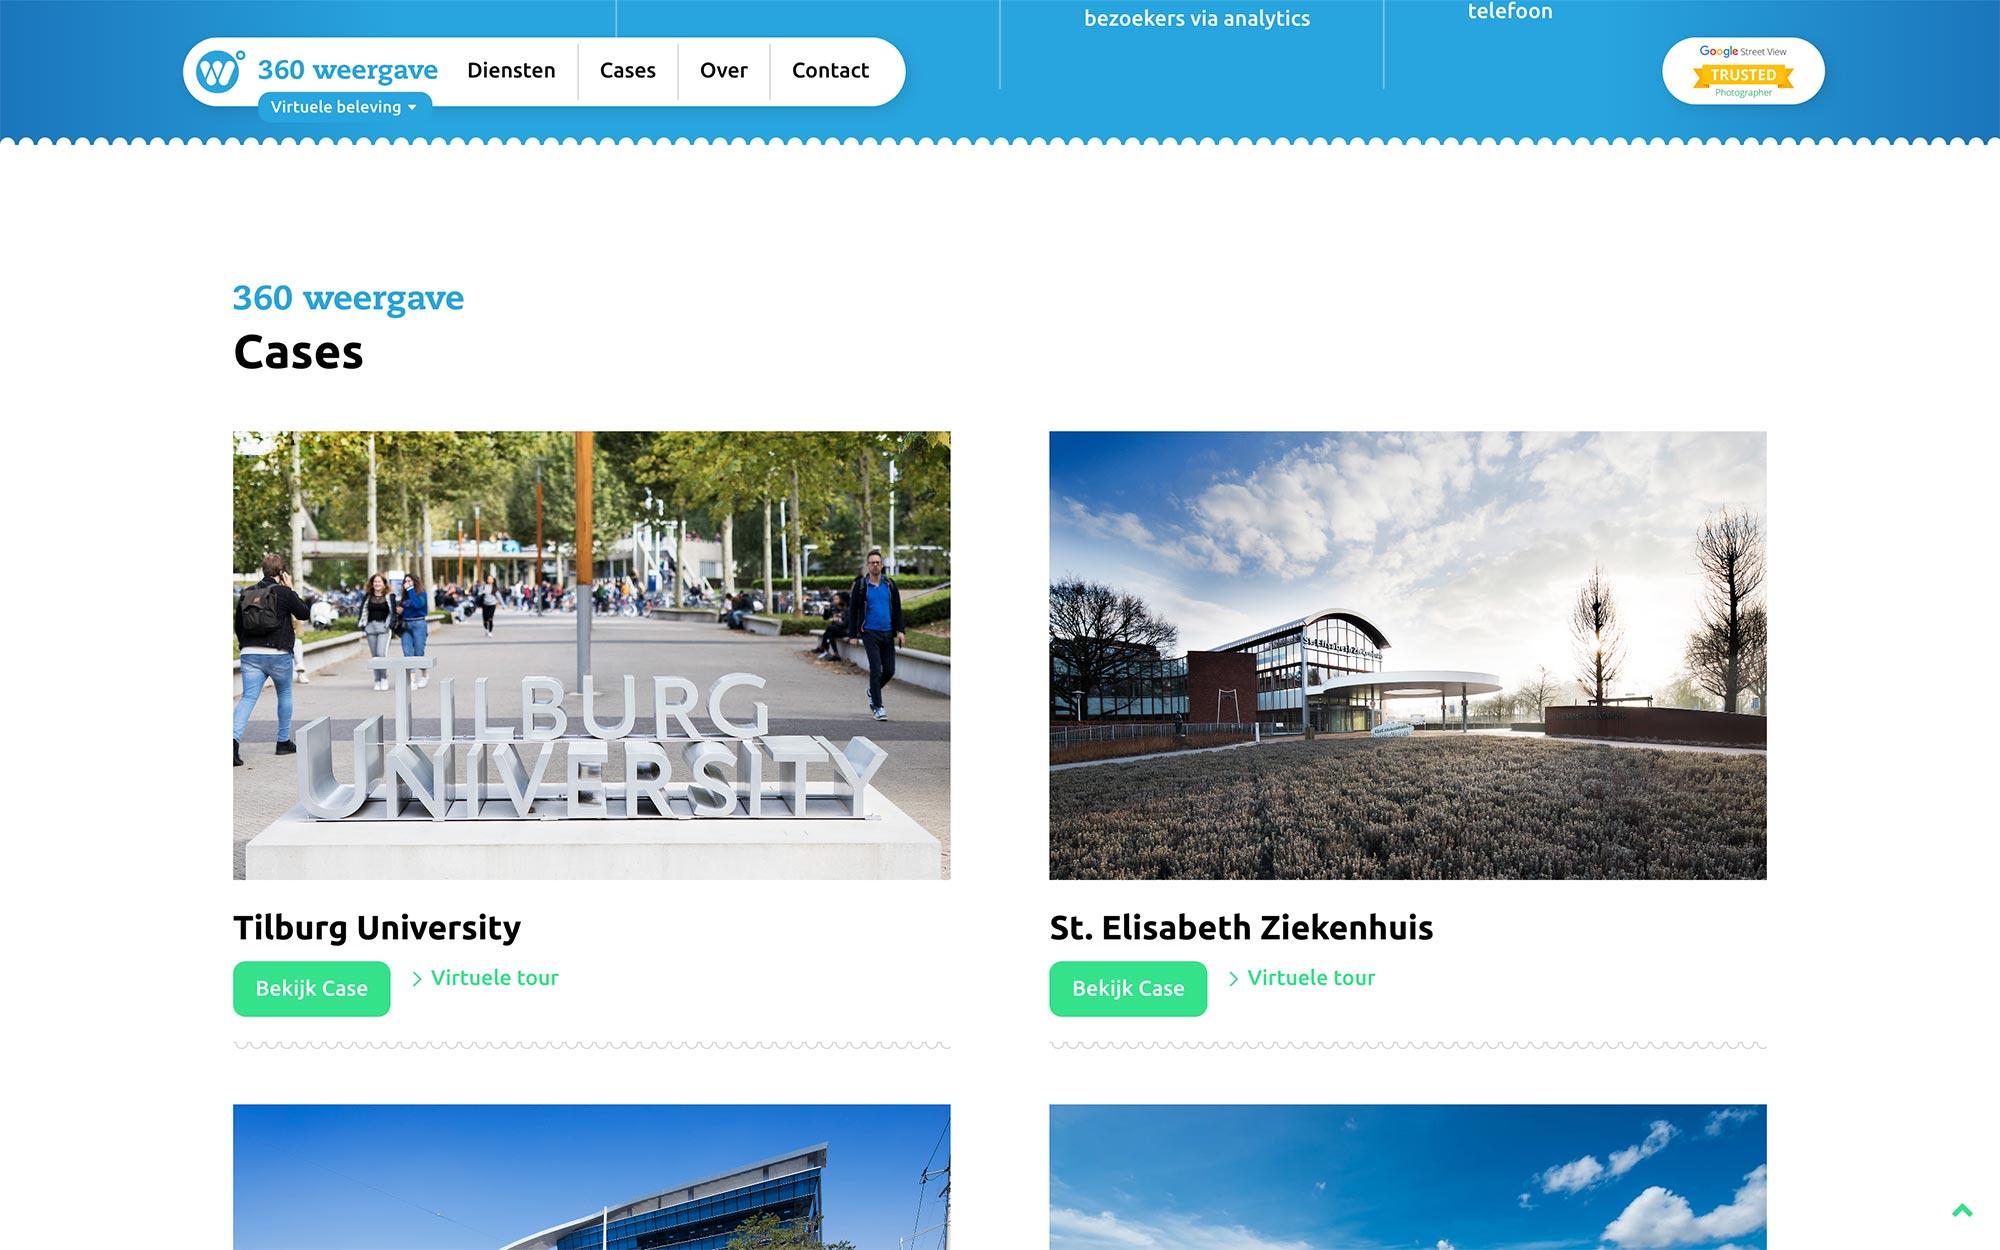 Virtuele beleving 360weergave website JAgd ontwerp 2